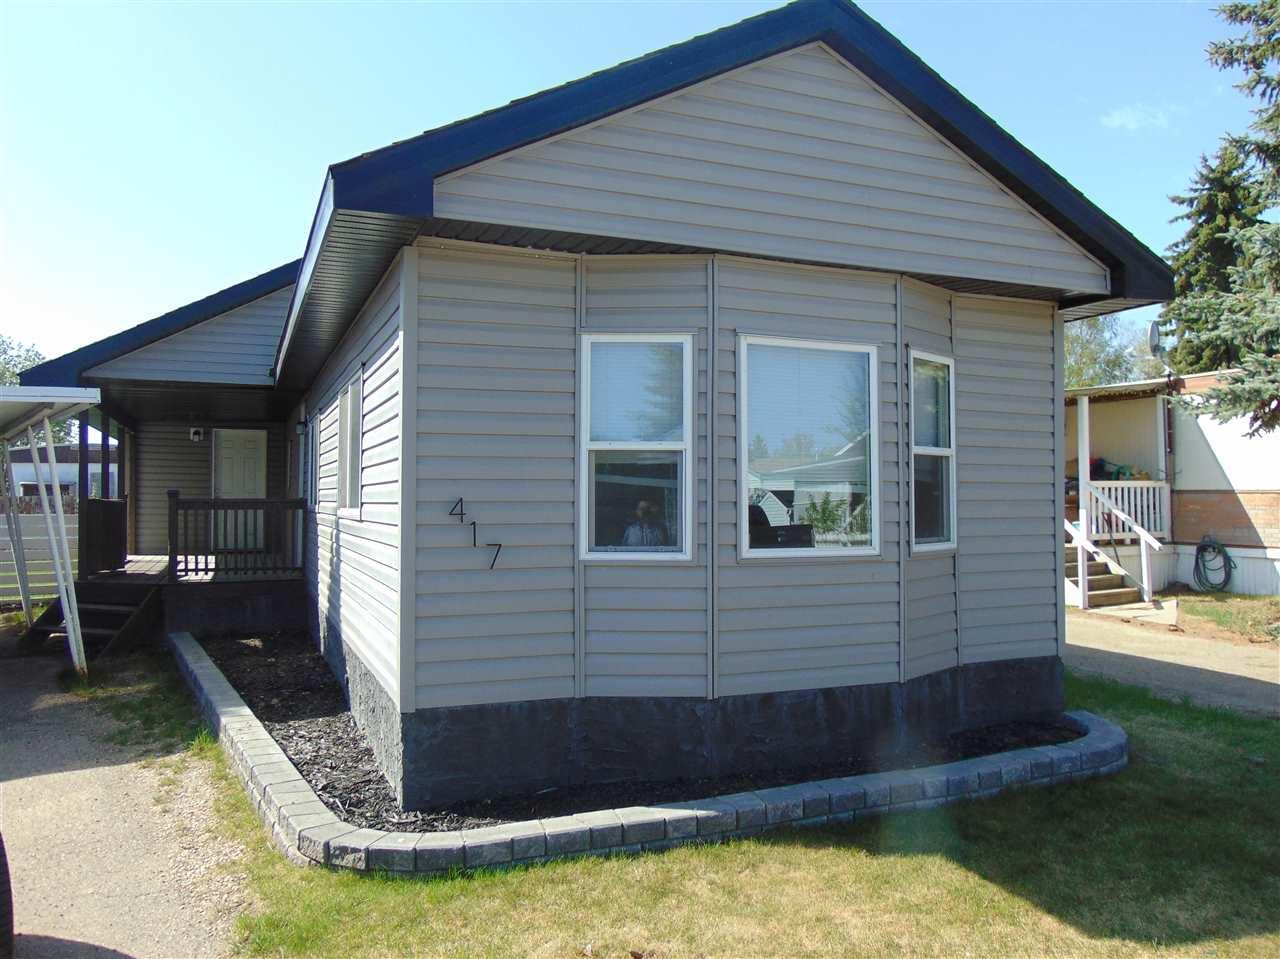 417 10770 Winterburn Road, 2 bed, 1 bath, at $55,000